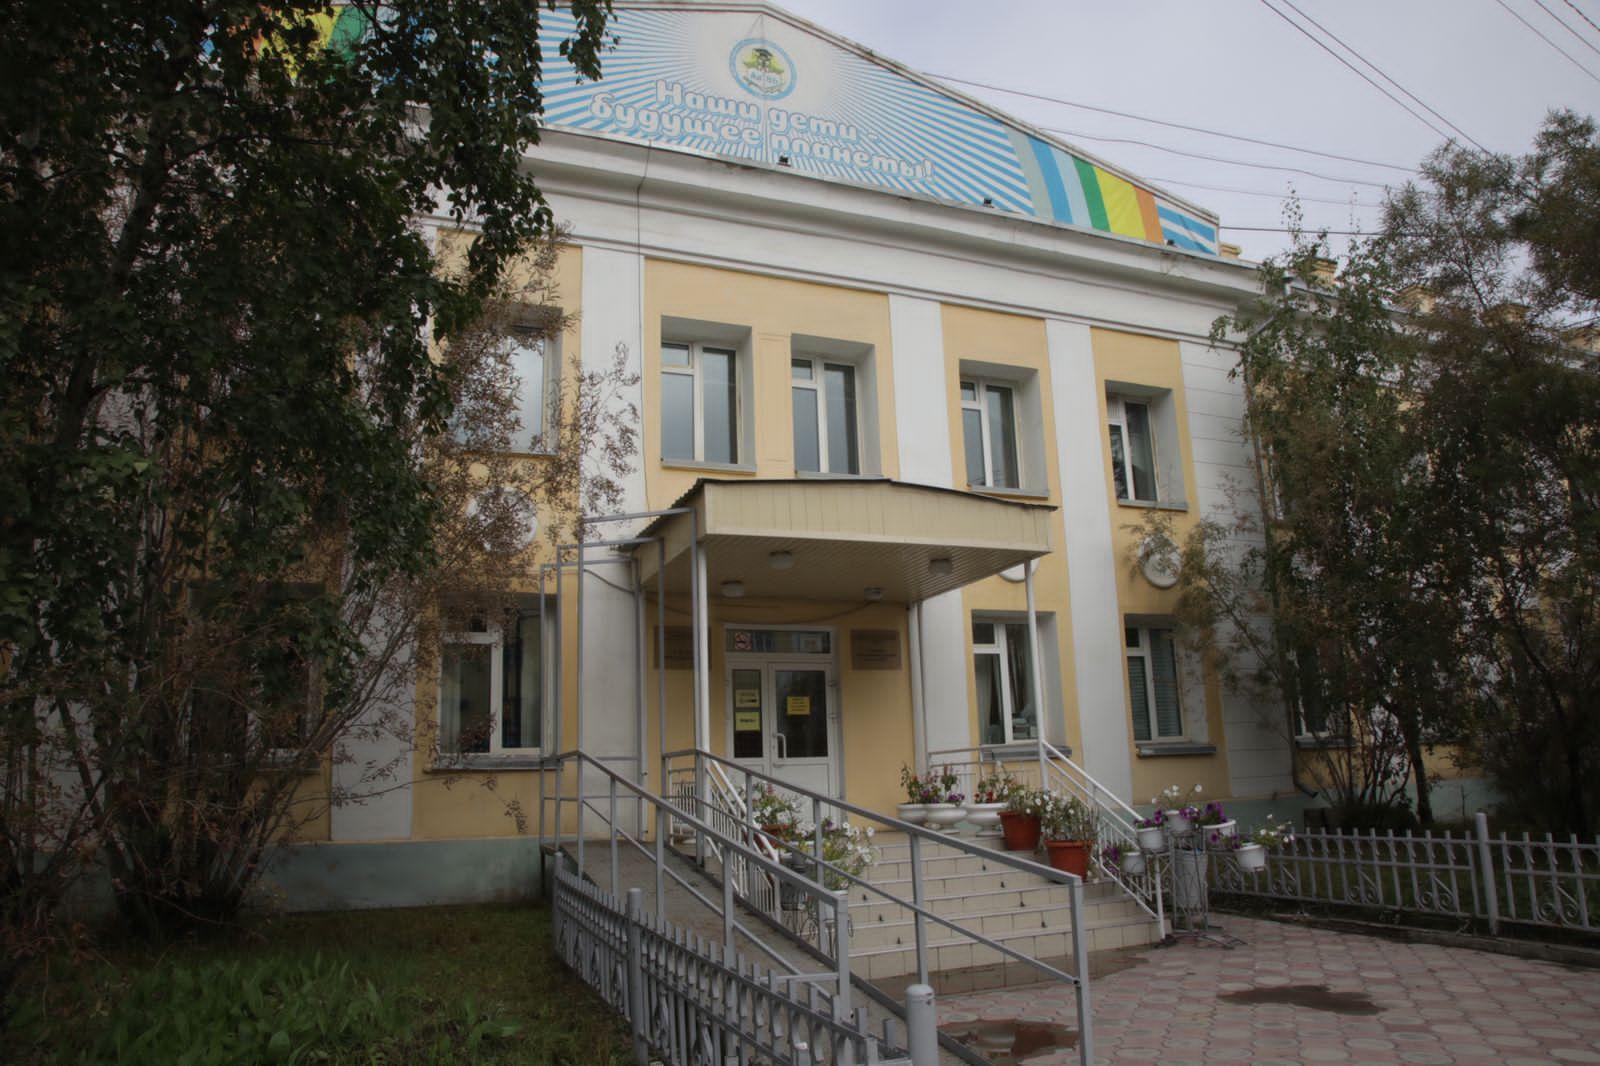 Школе № 1 разрешили провести новый учебный год в своем здании